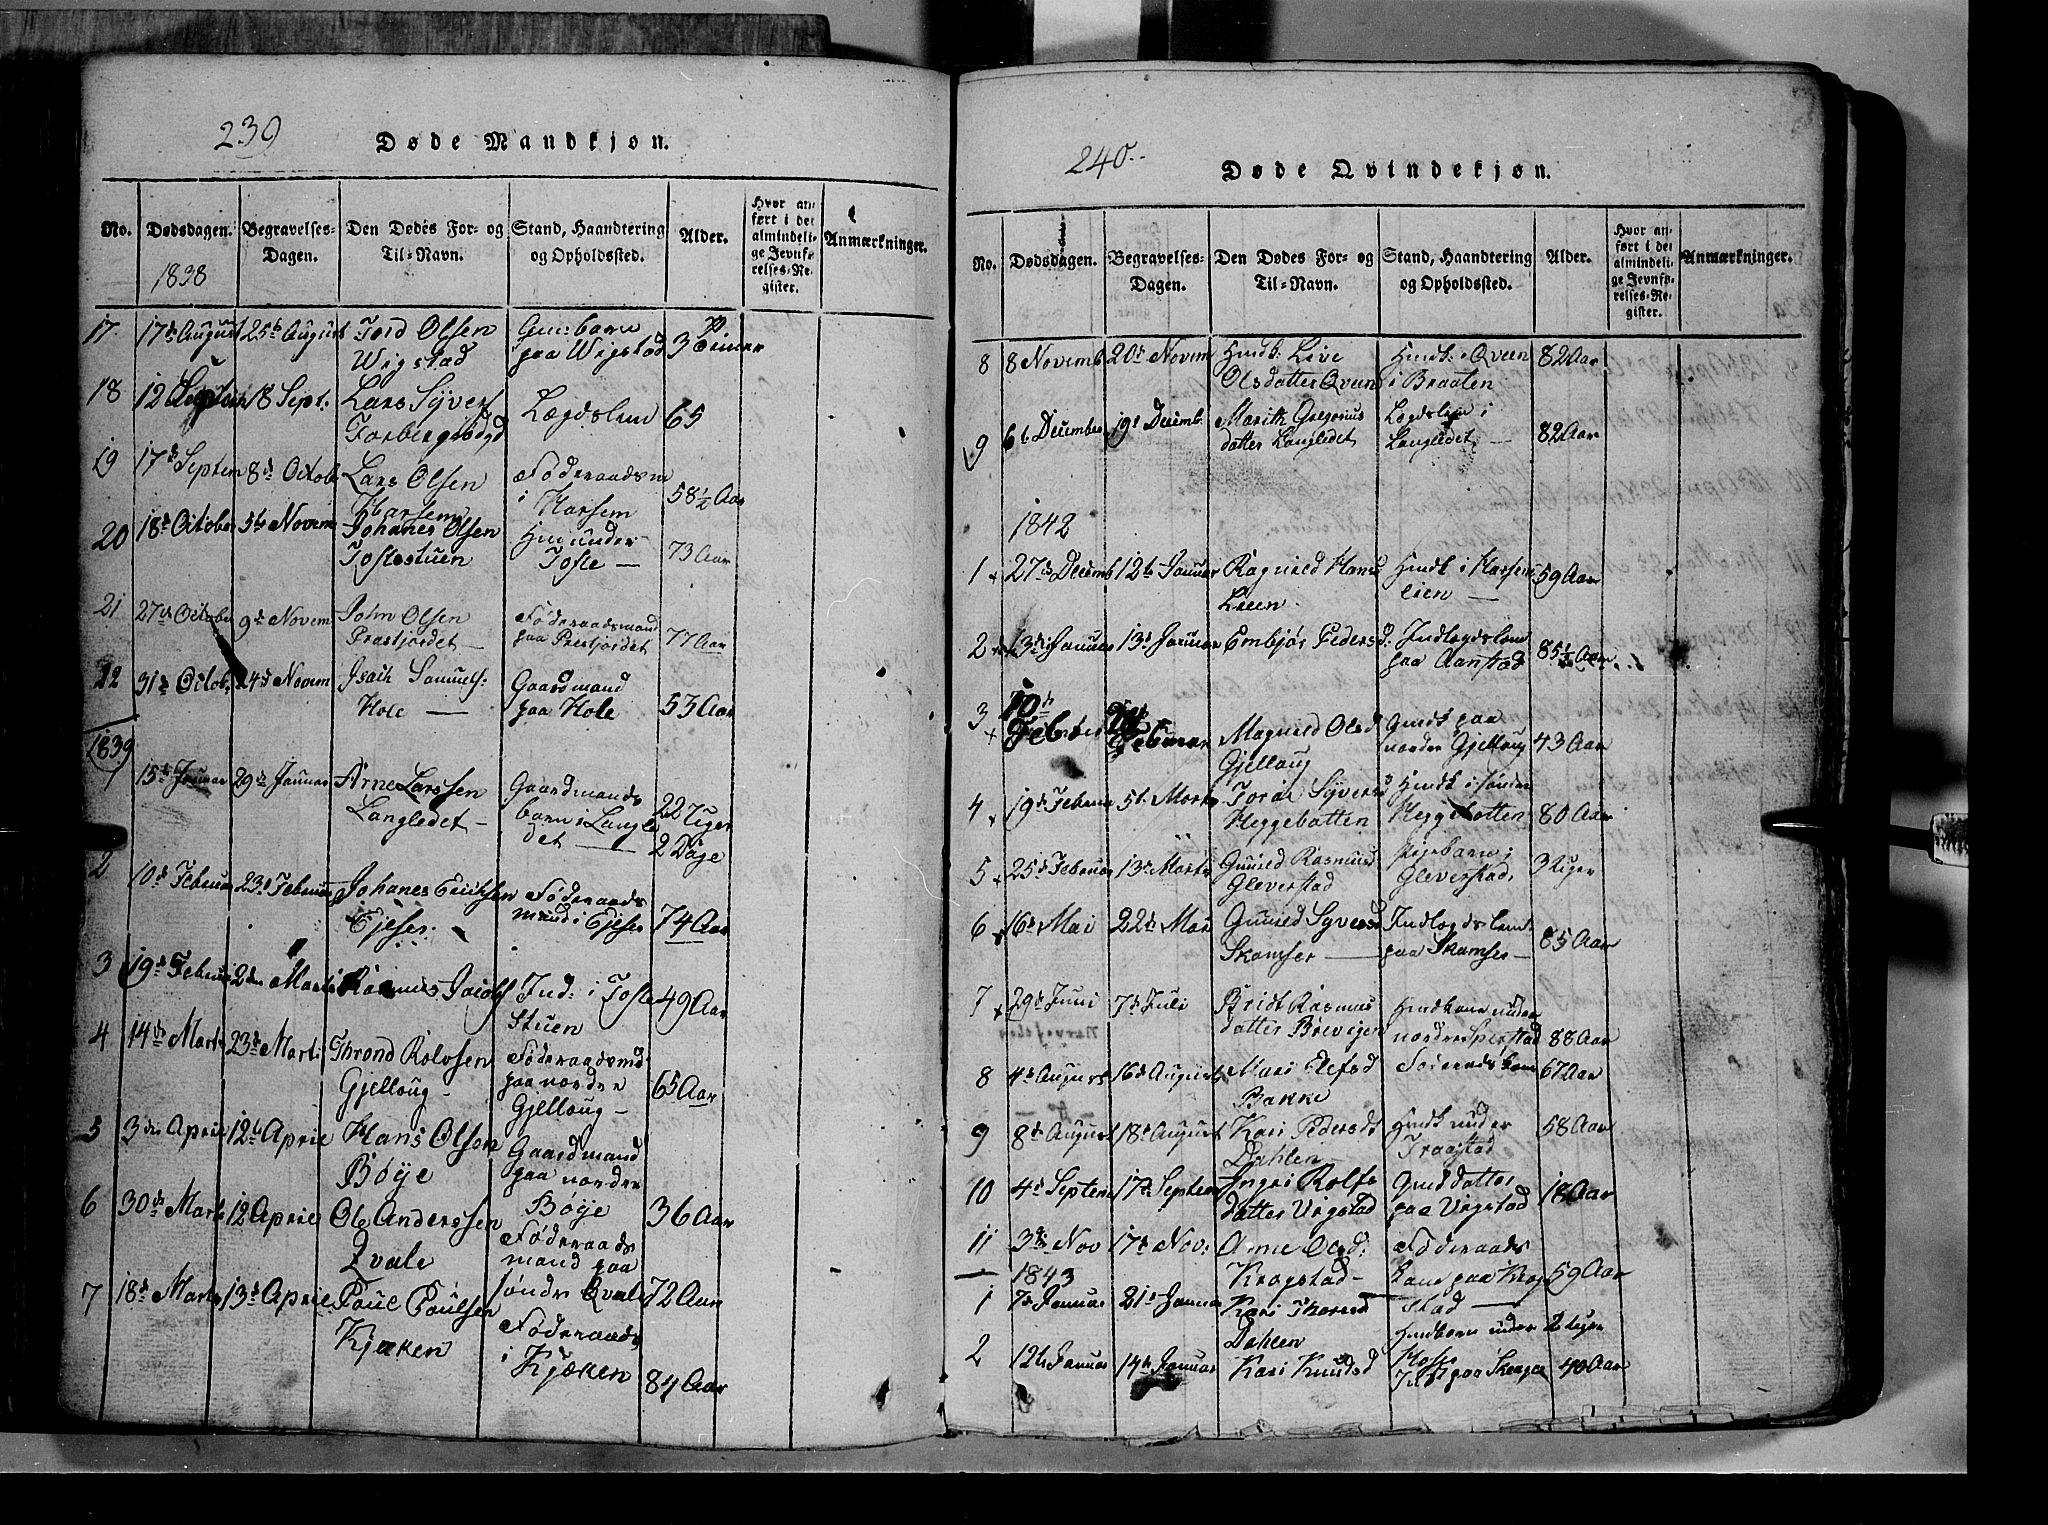 SAH, Lom prestekontor, L/L0003: Klokkerbok nr. 3, 1815-1844, s. 239-240